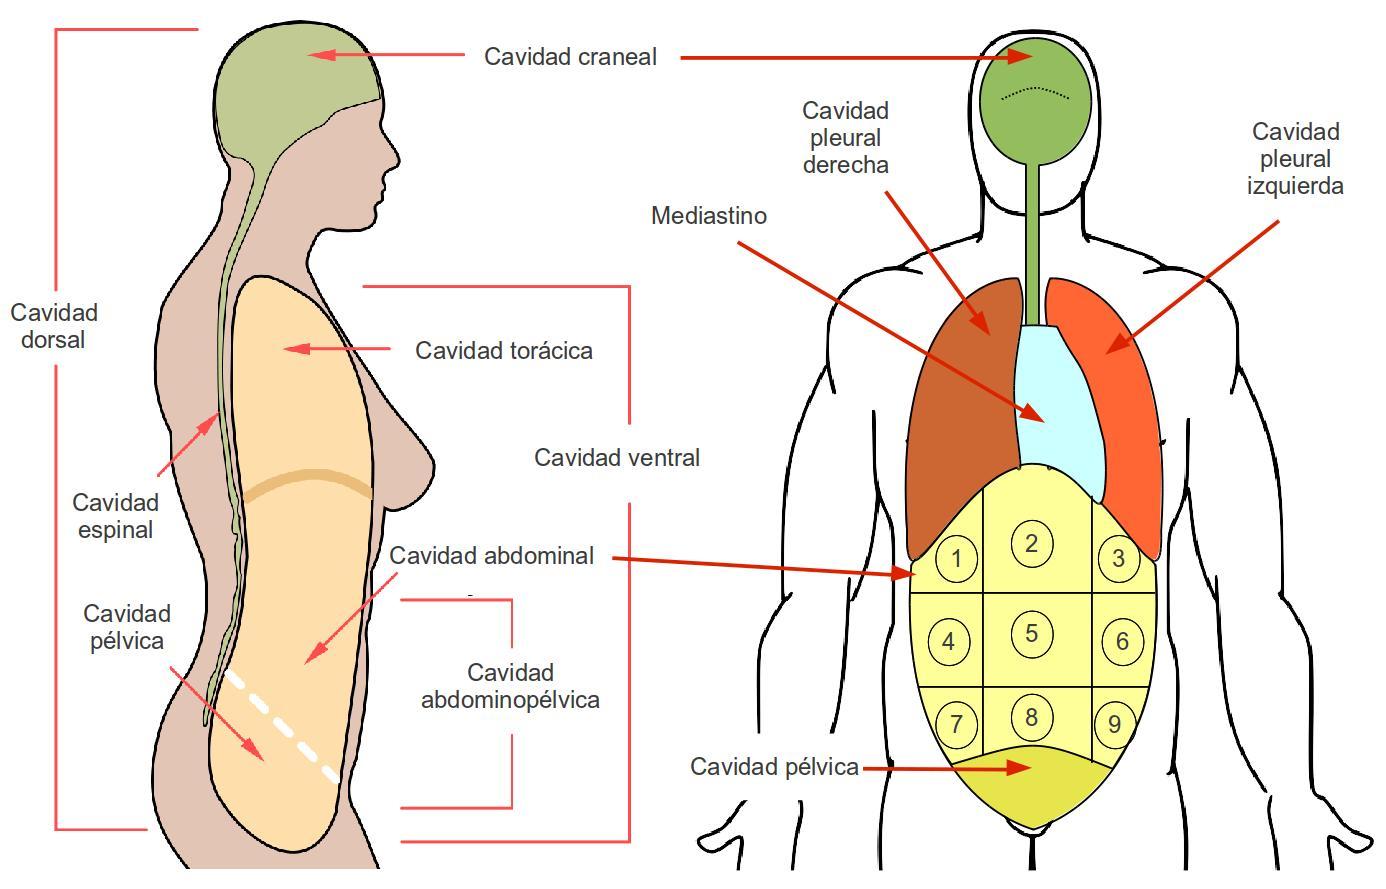 Magnífico Anatomía De La Cavidad Peritoneal Ornamento - Imágenes de ...